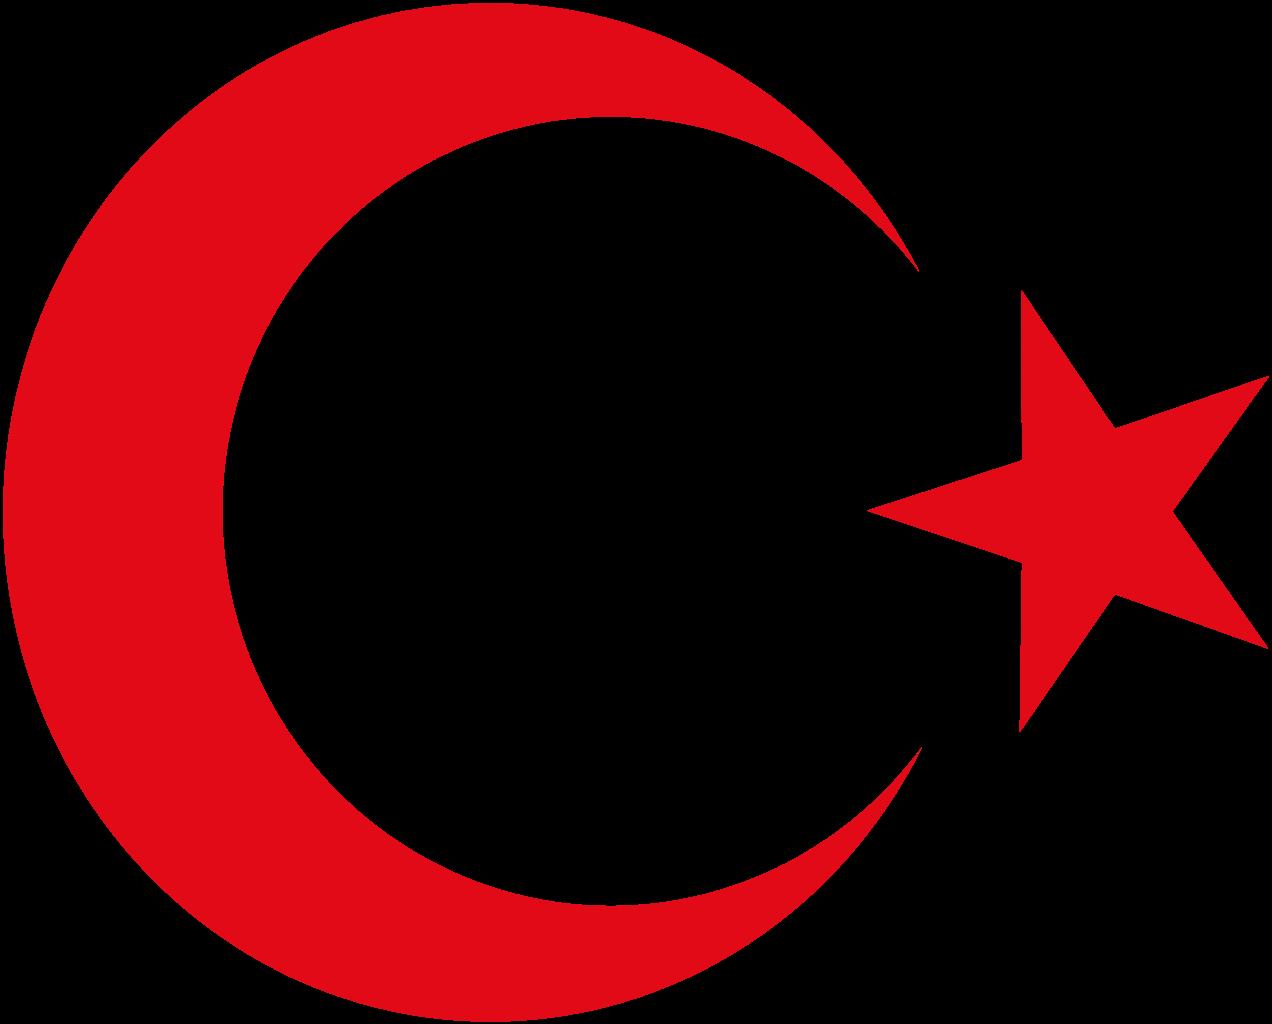 Turk Bayragi Png Images Turk Bayragi Resimleri Free Download Free Transparent Png Logos